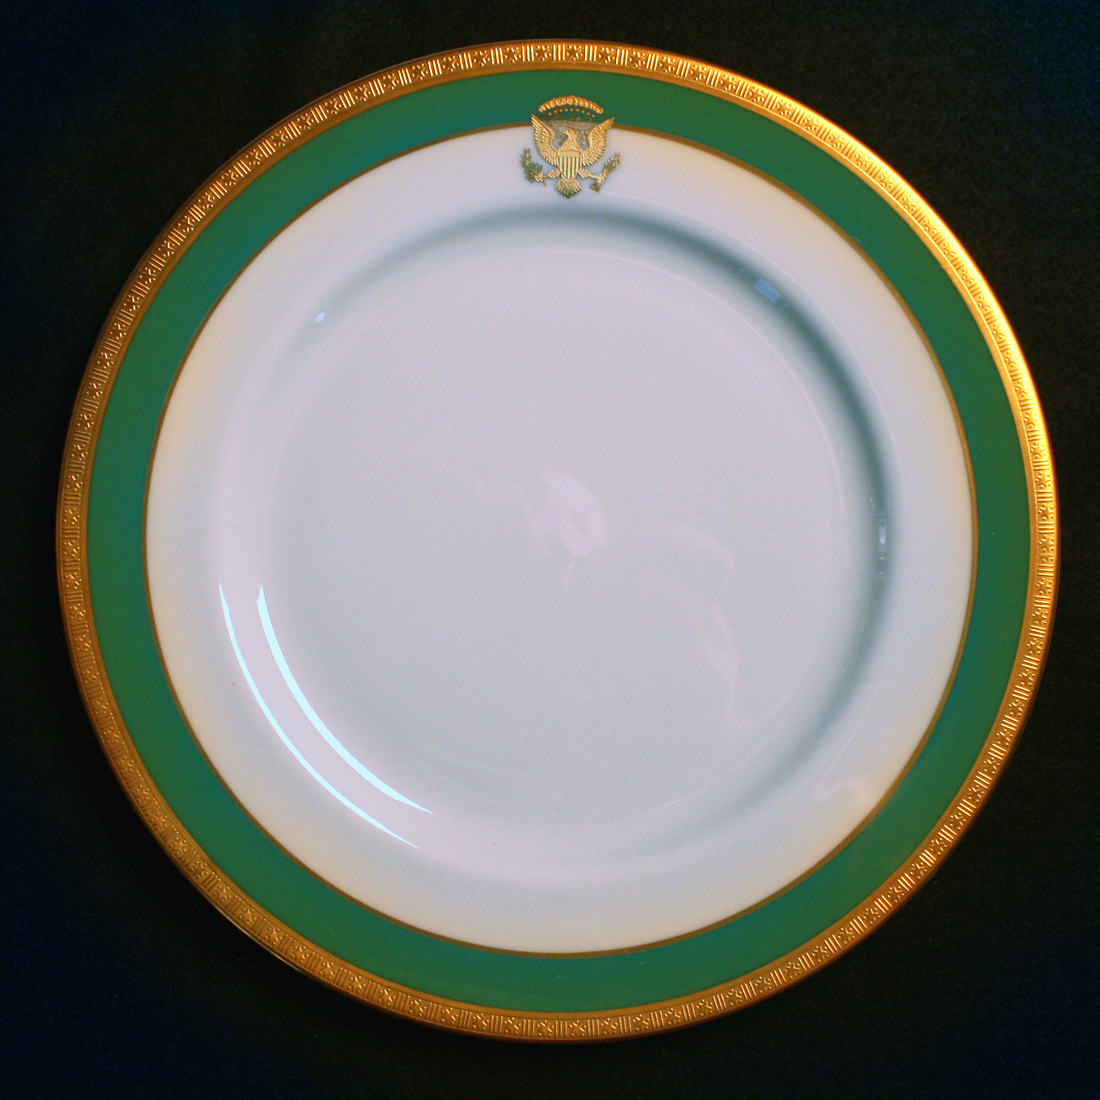 carter_w.h._china_full_shot_jimmy-carter-white-house-china-dinner-plate-1.jpg